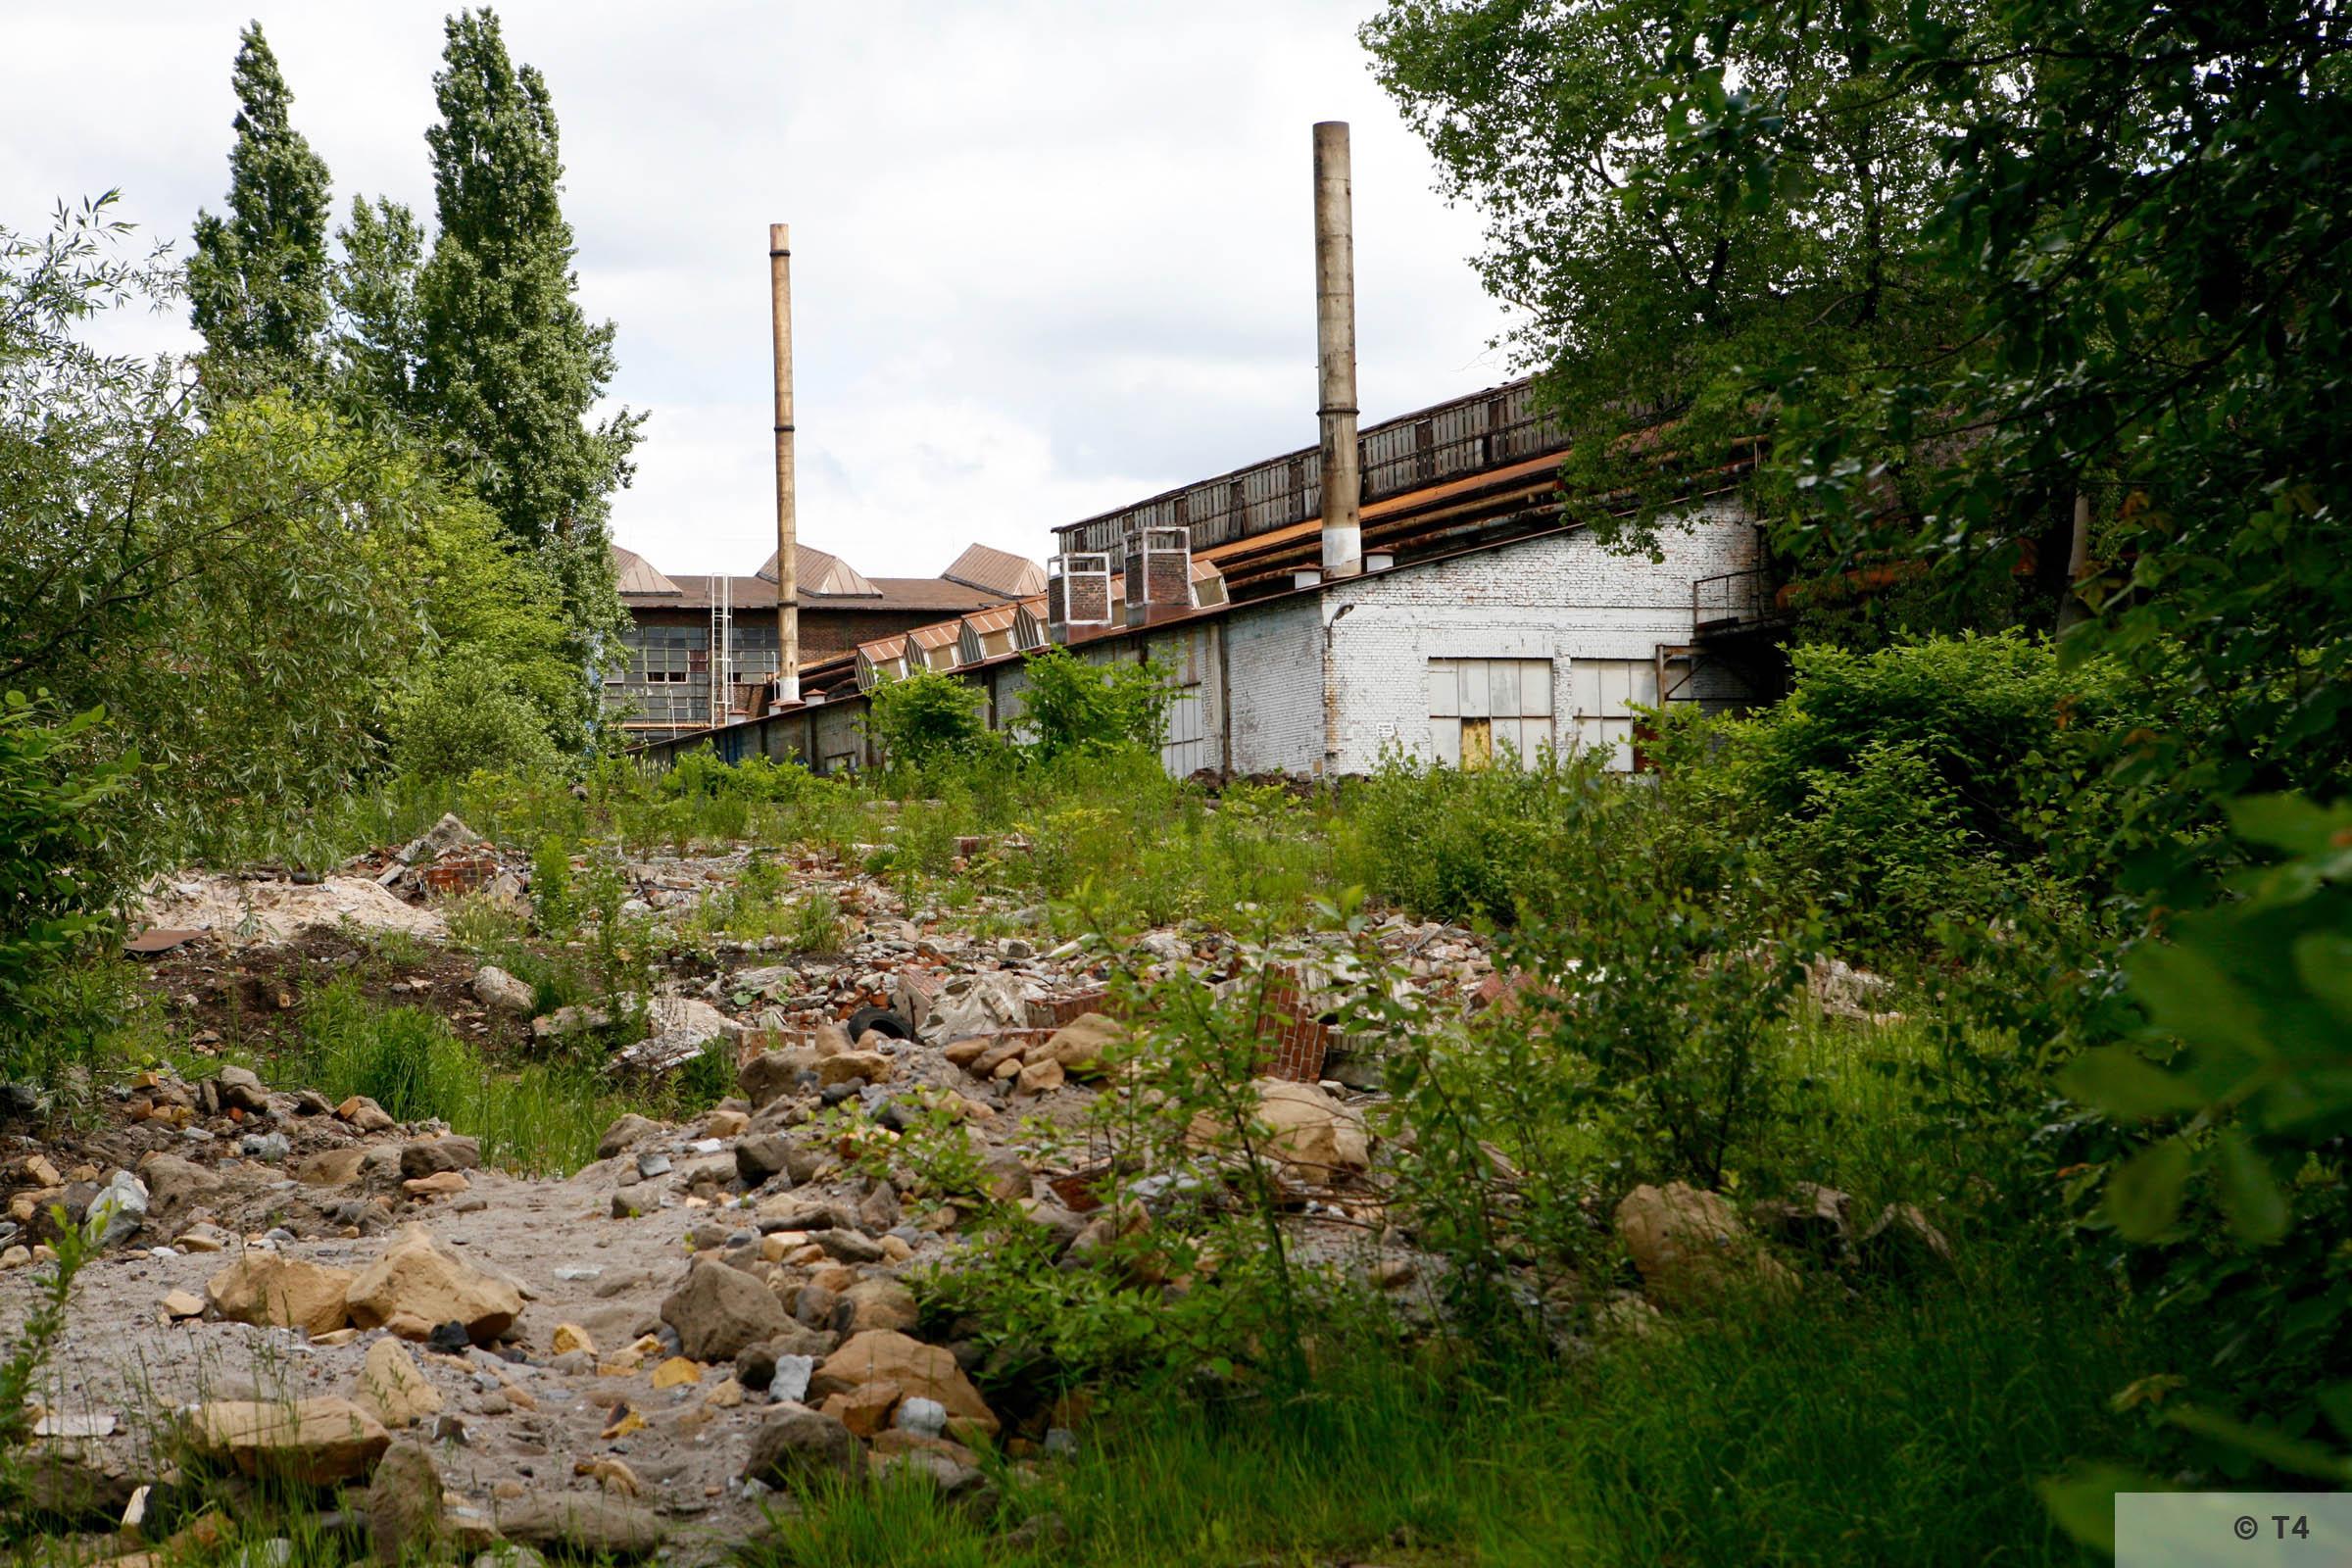 Zygmunt steel works. Work halls. 2006 T4 4799